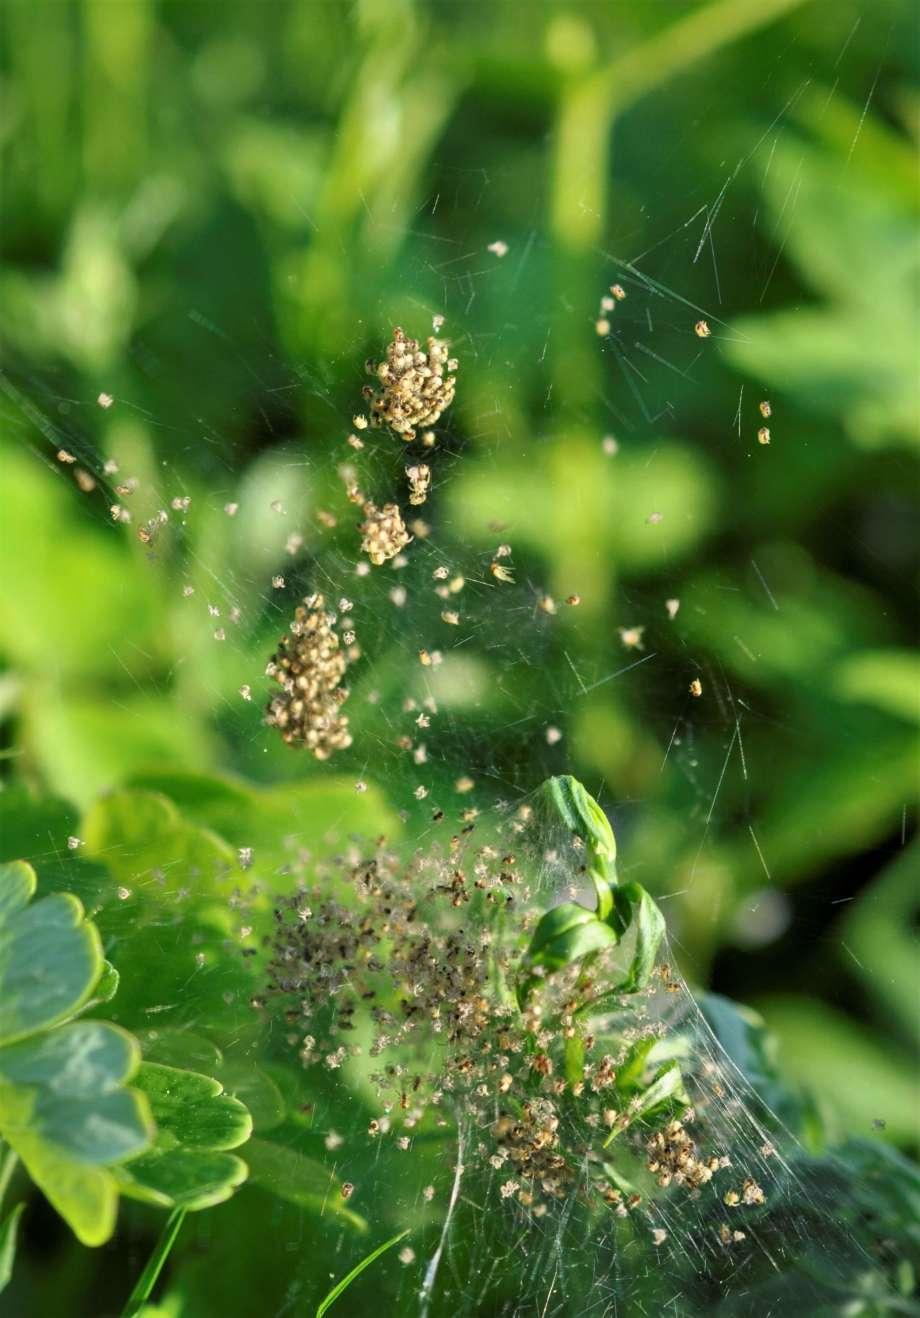 en mängd små ljusbruna spindelbebisar i ett nät